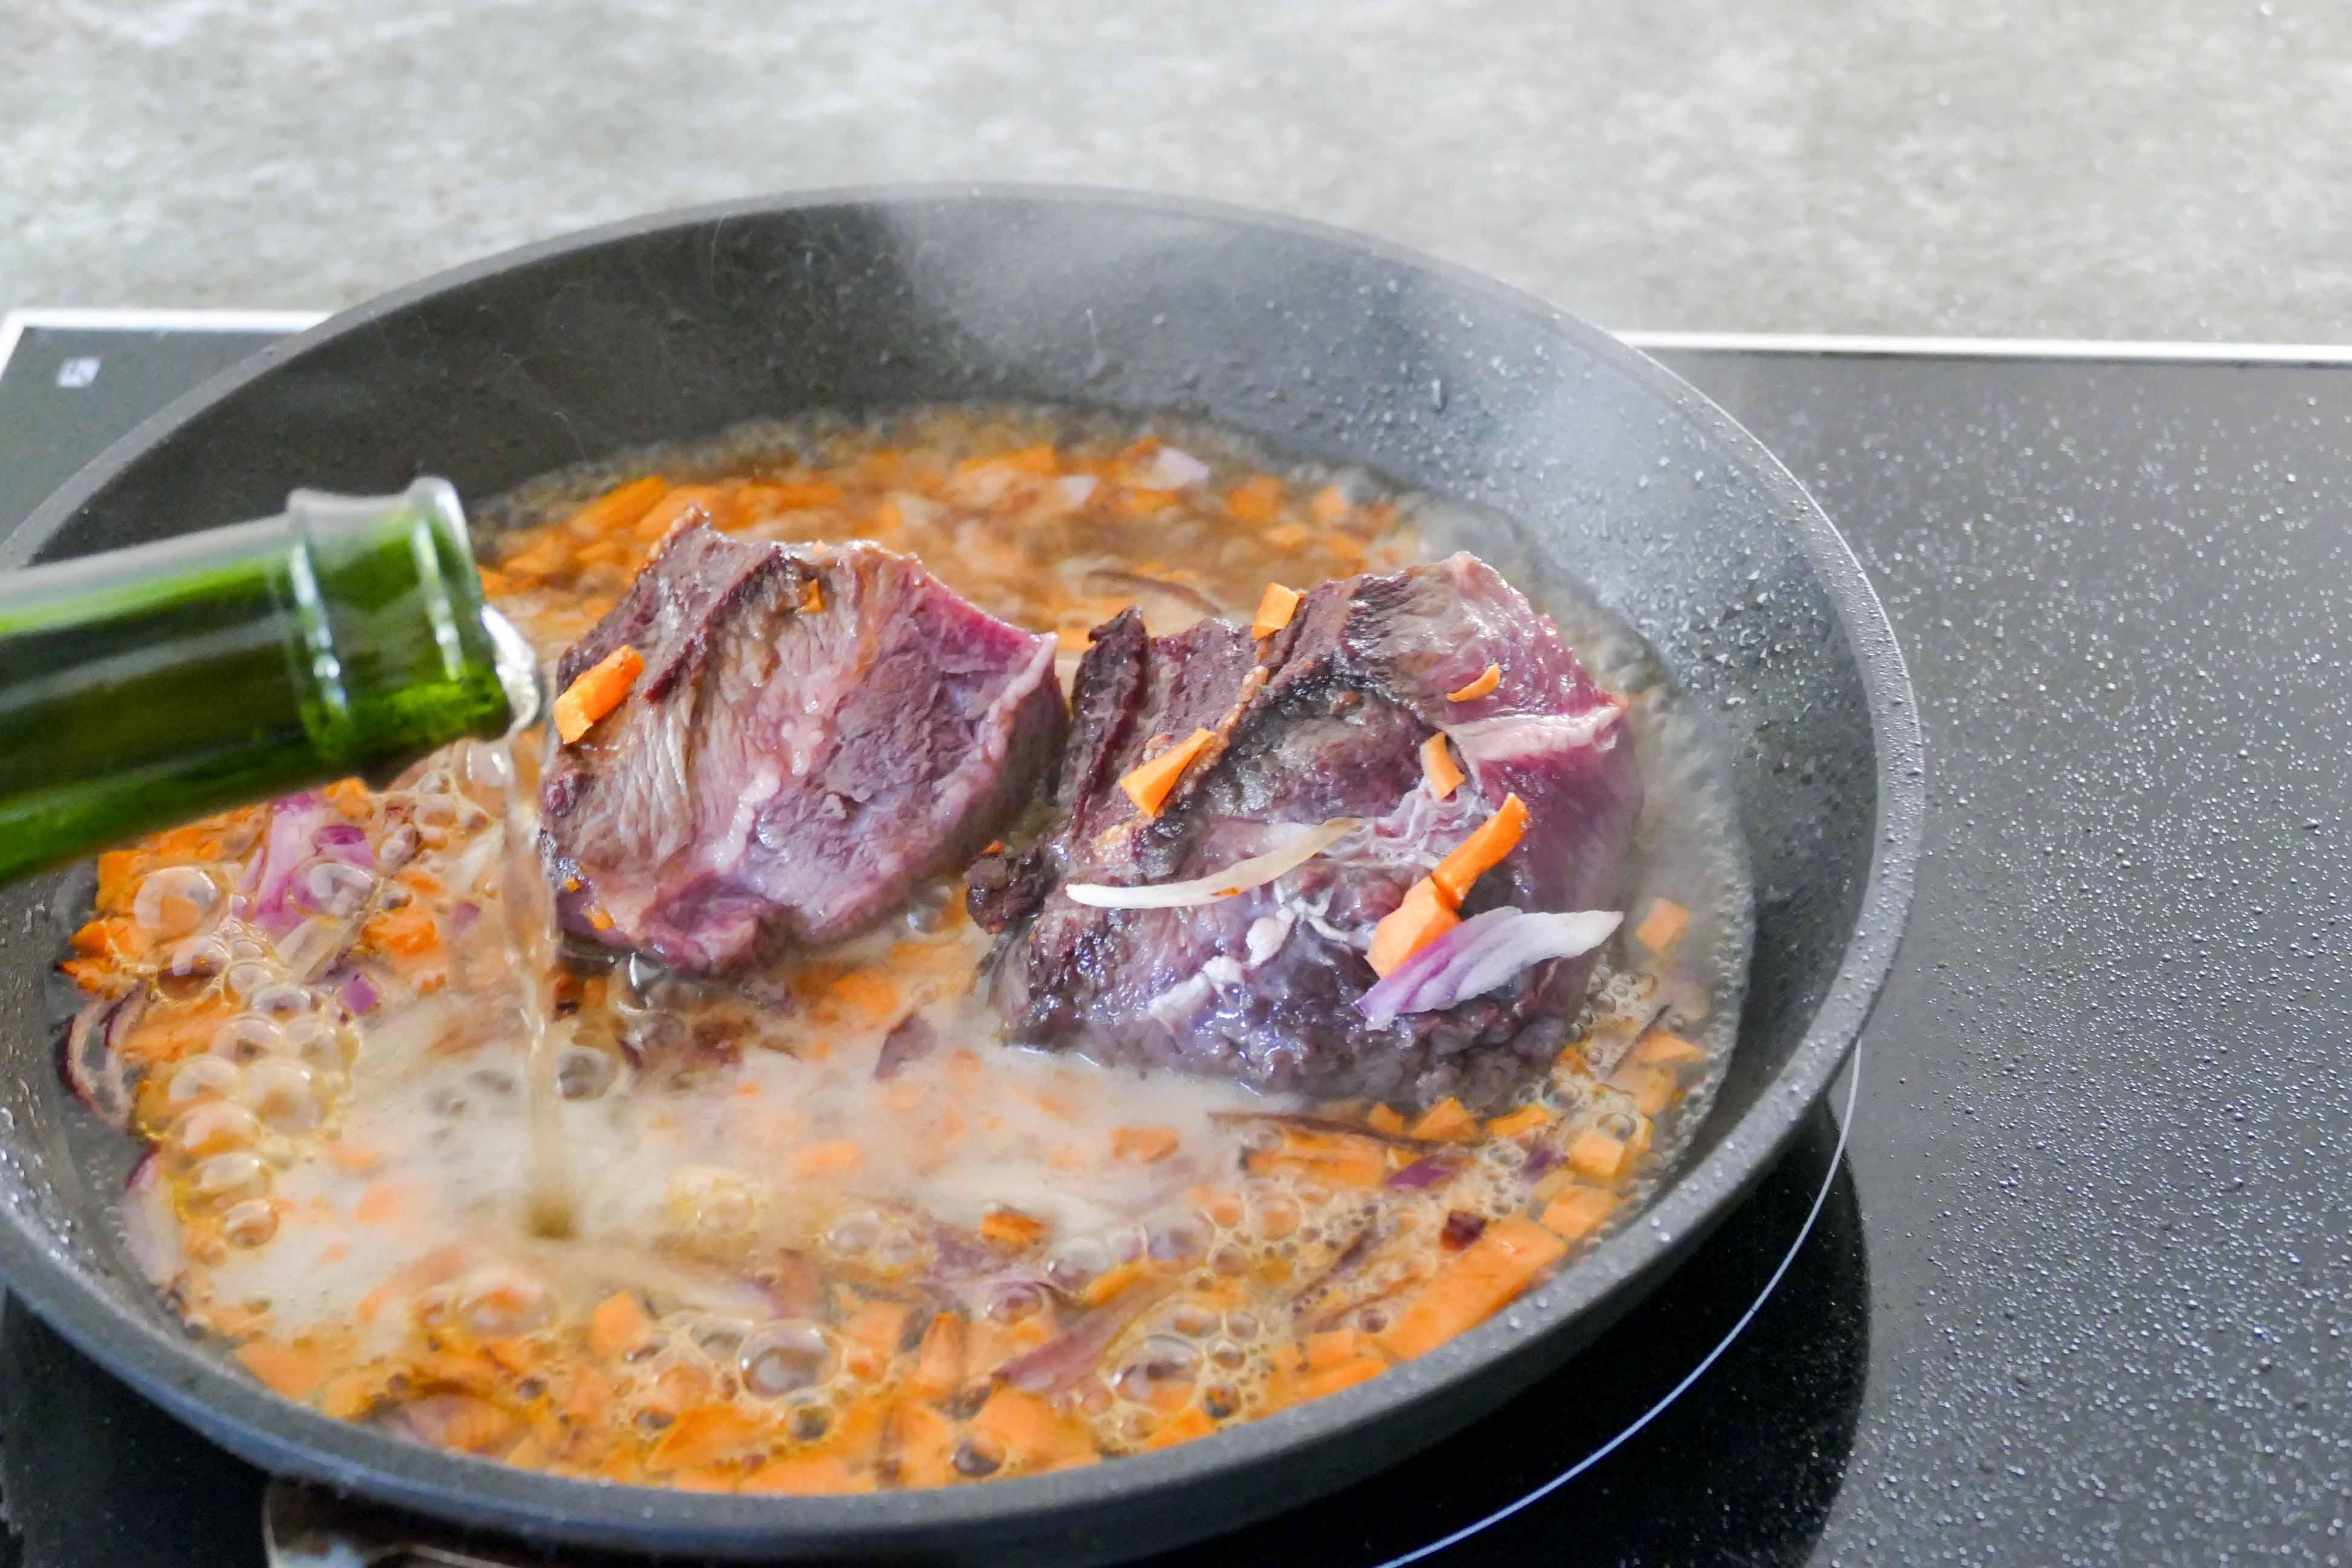 Cuisiner de la joue de boeuf 28 images cuisiner la - Cuisiner de la joue de porc ...